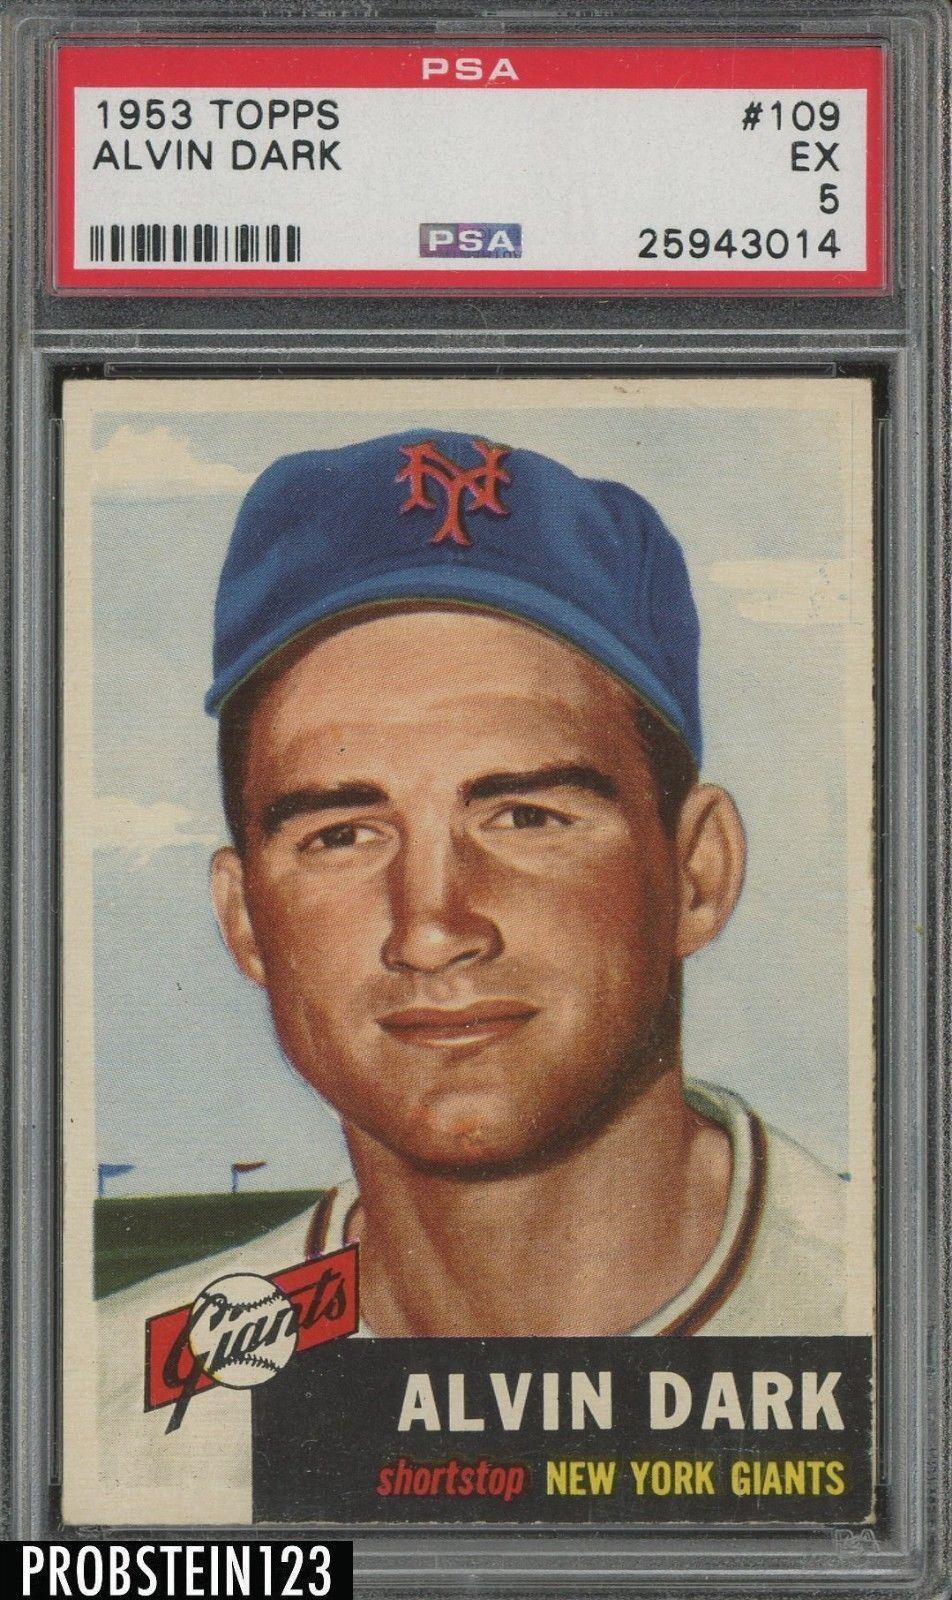 1953 Topps 109 Alvin Dark New York Giants PSA 5 EX